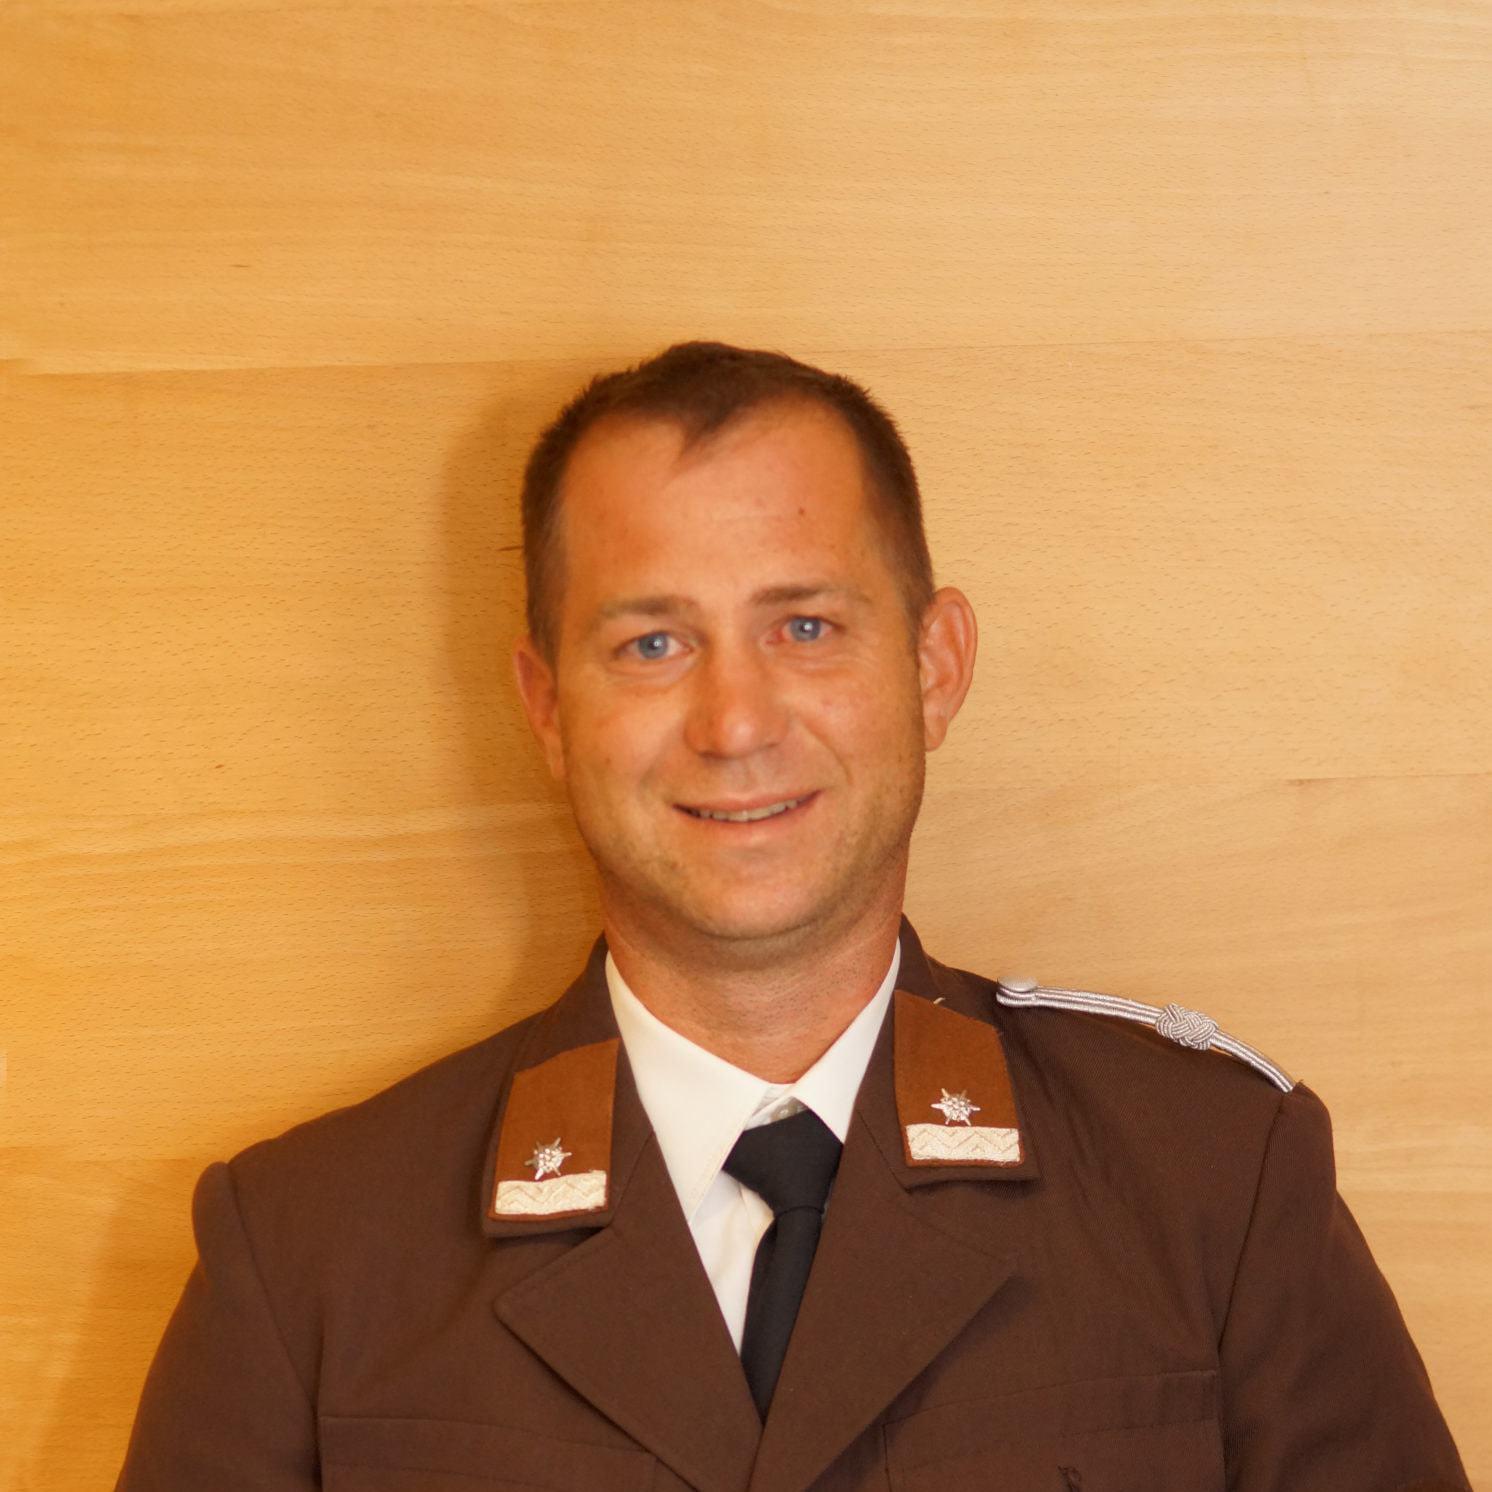 OLM d.F. Zeiler Daniel